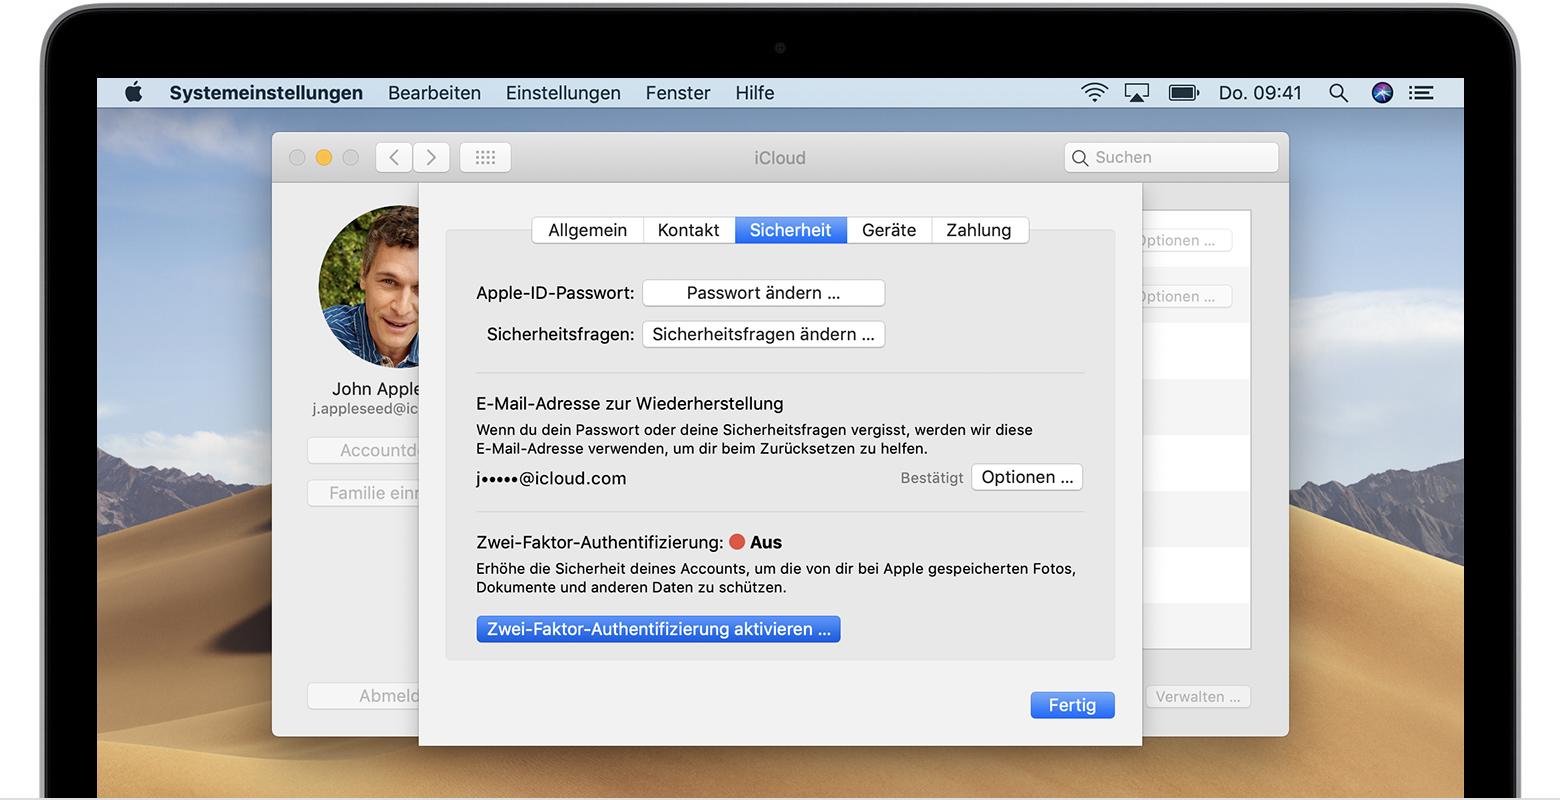 6cfa431a0d762 Gehen Sie auf einem Mac mit OS X El Capitan oder neuer wie folgt vor: